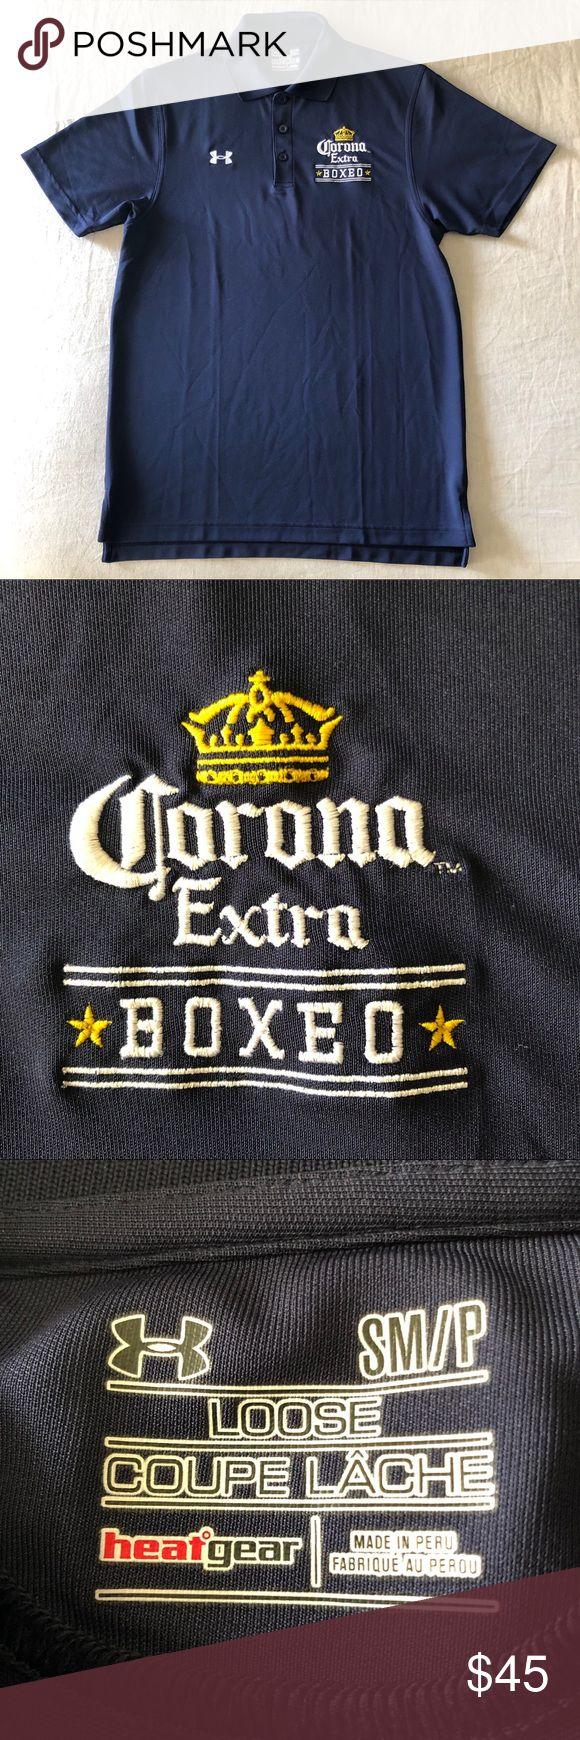 Men's Under Armor Polo w Corona Boxing logo S Men's